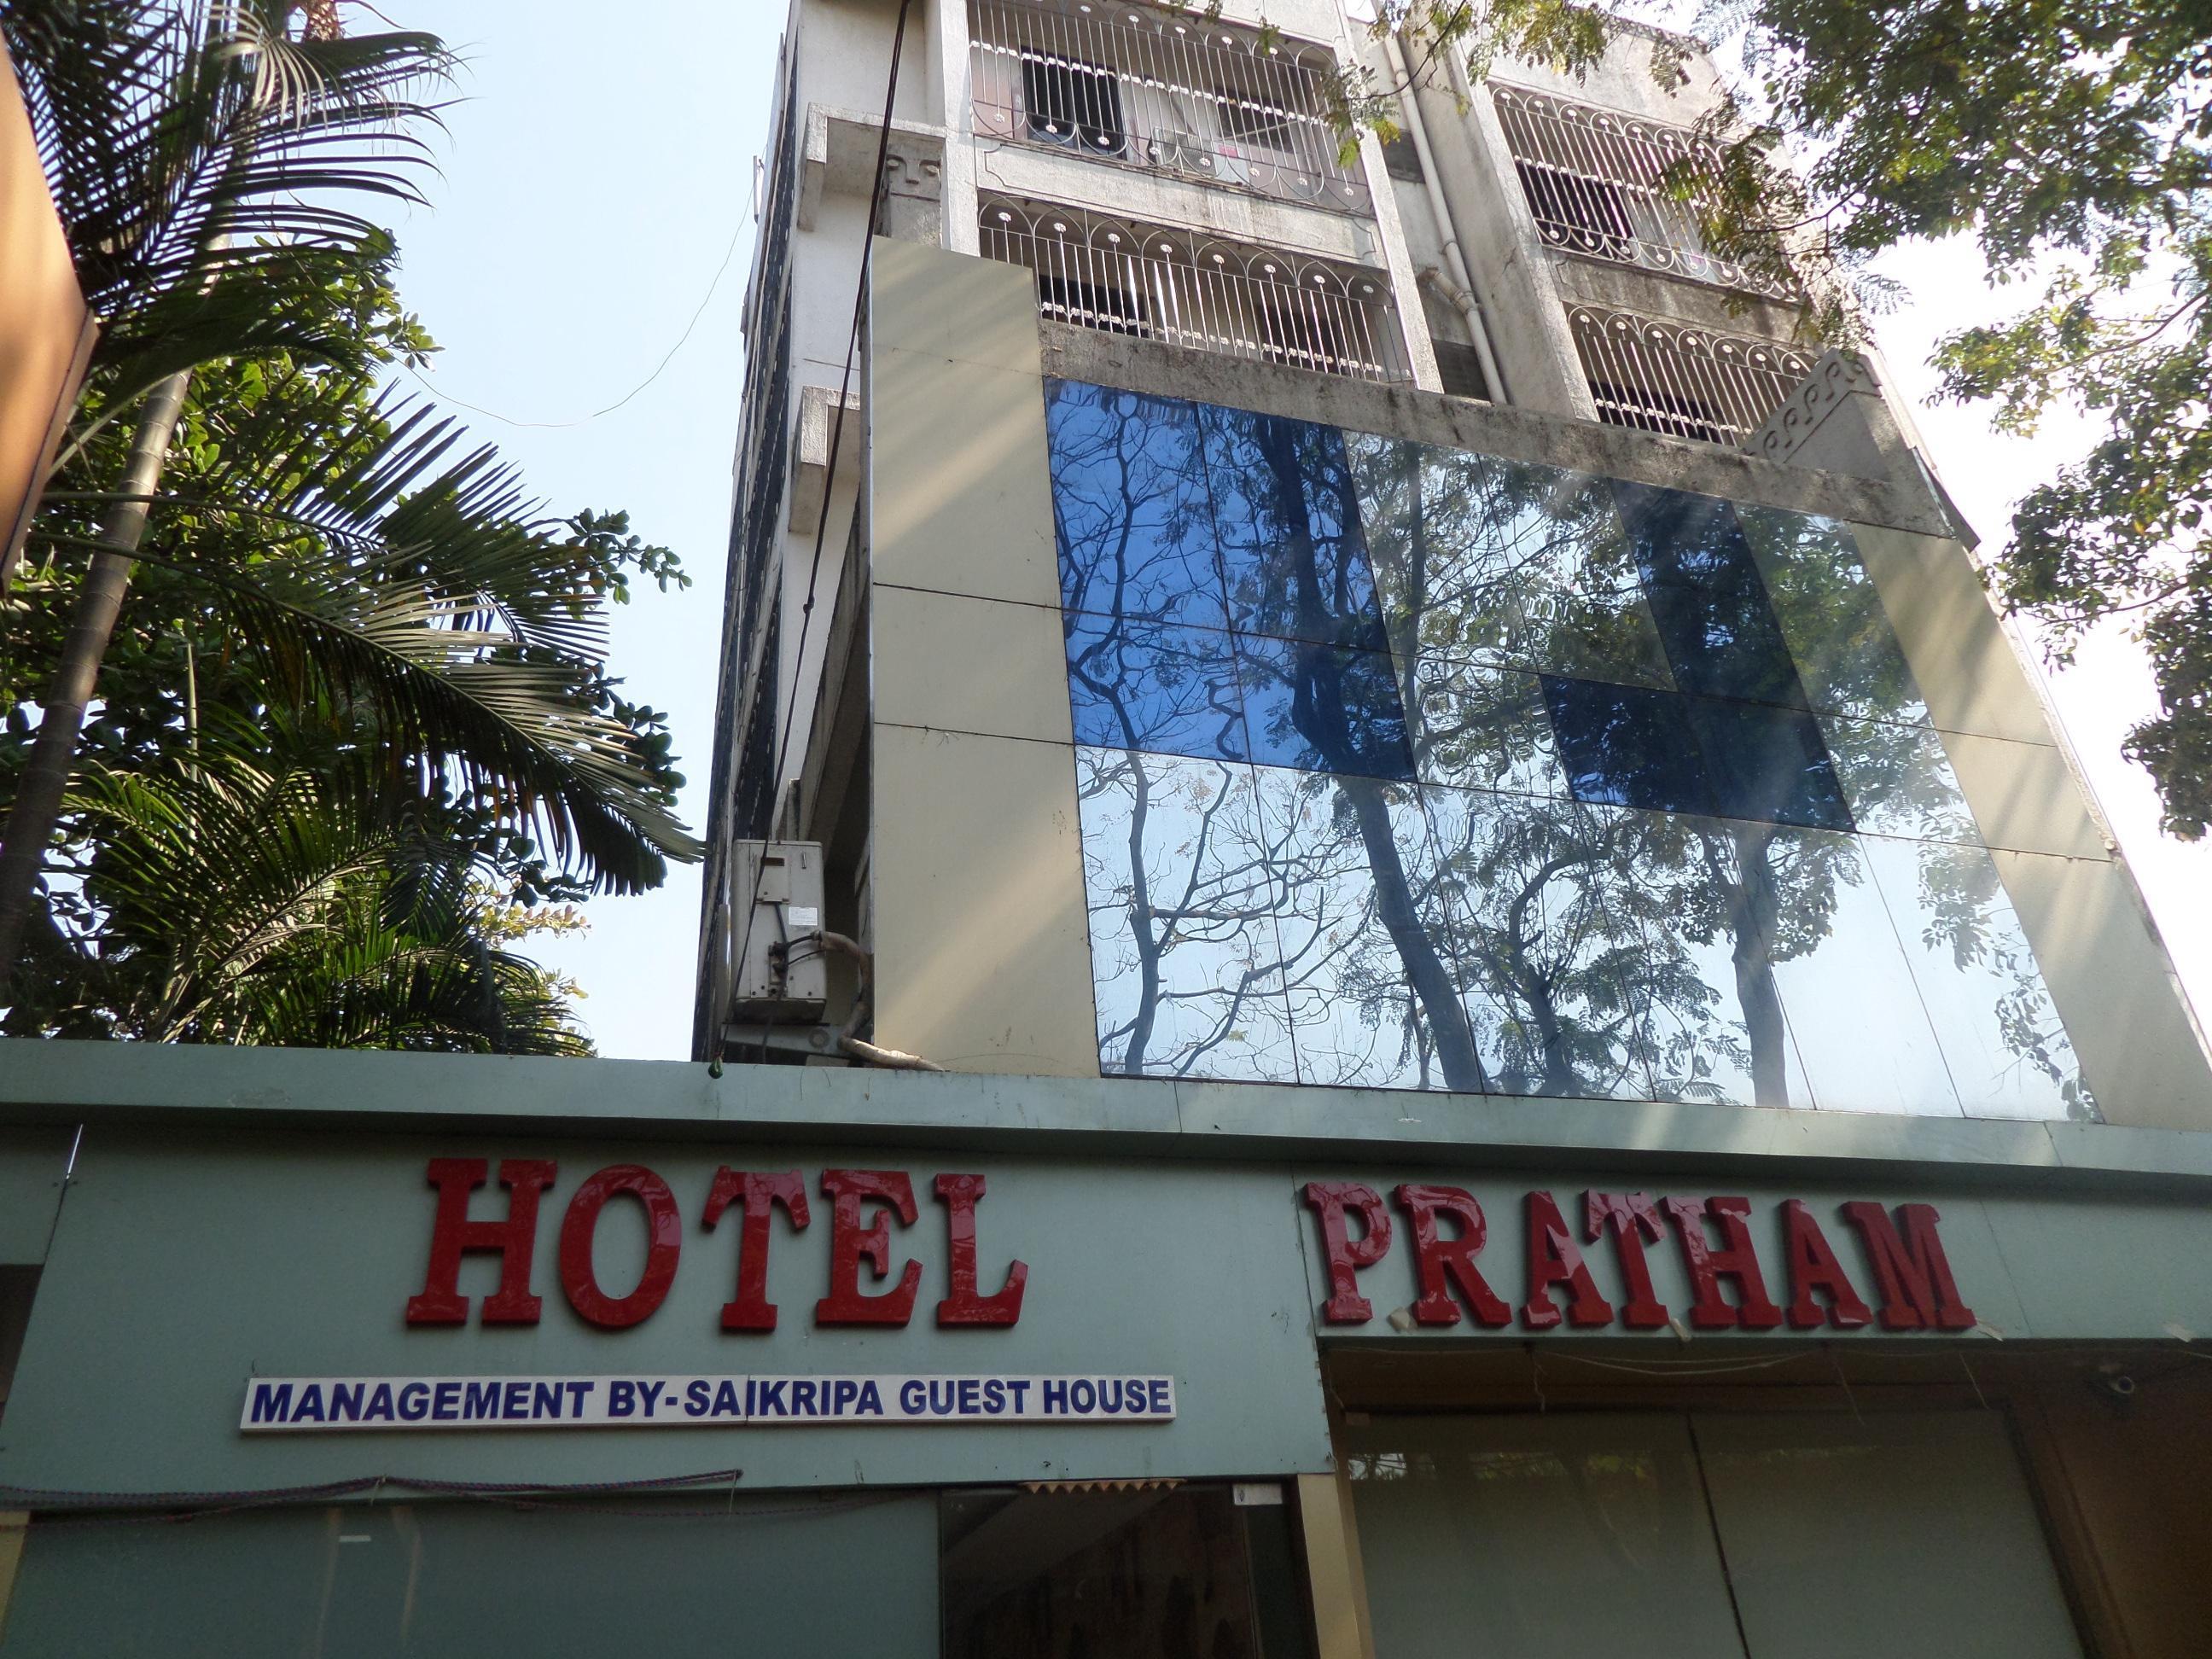 Hotel Pratham - Kopar Khairane - Navi Mumbai Image